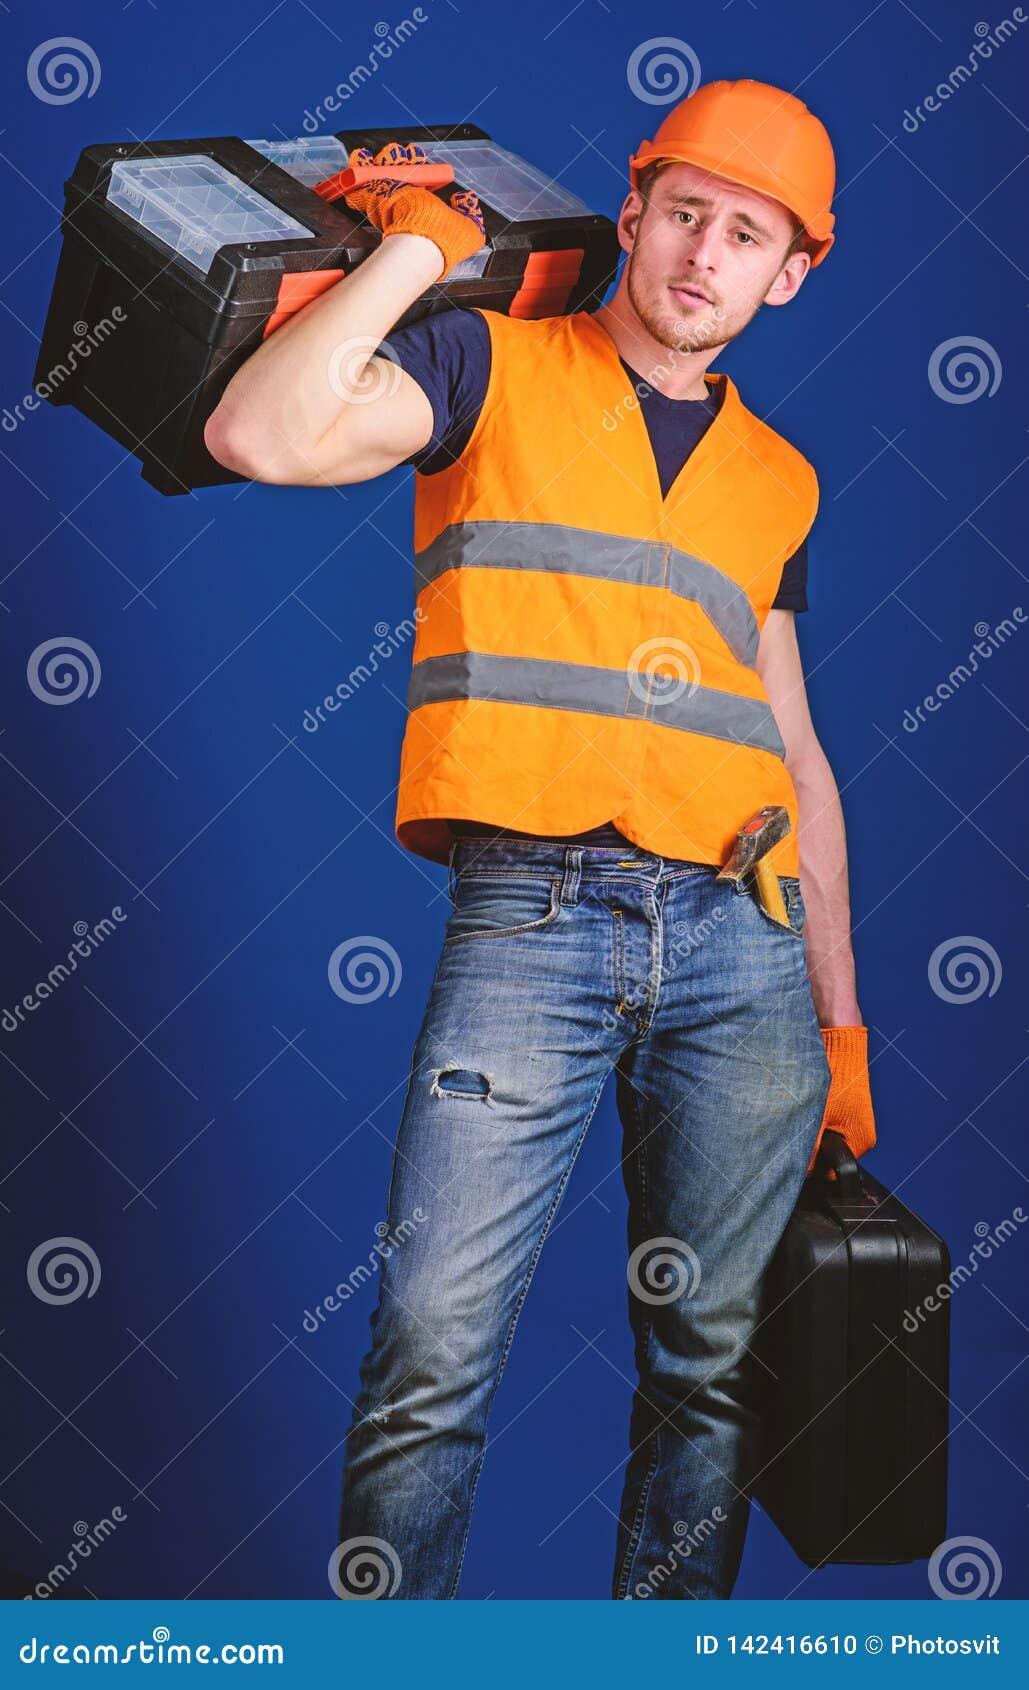 El trabajador, reparador, reparador, constructor en cara tranquila lleva la caja de herramientas en hombro, alista para trabajar